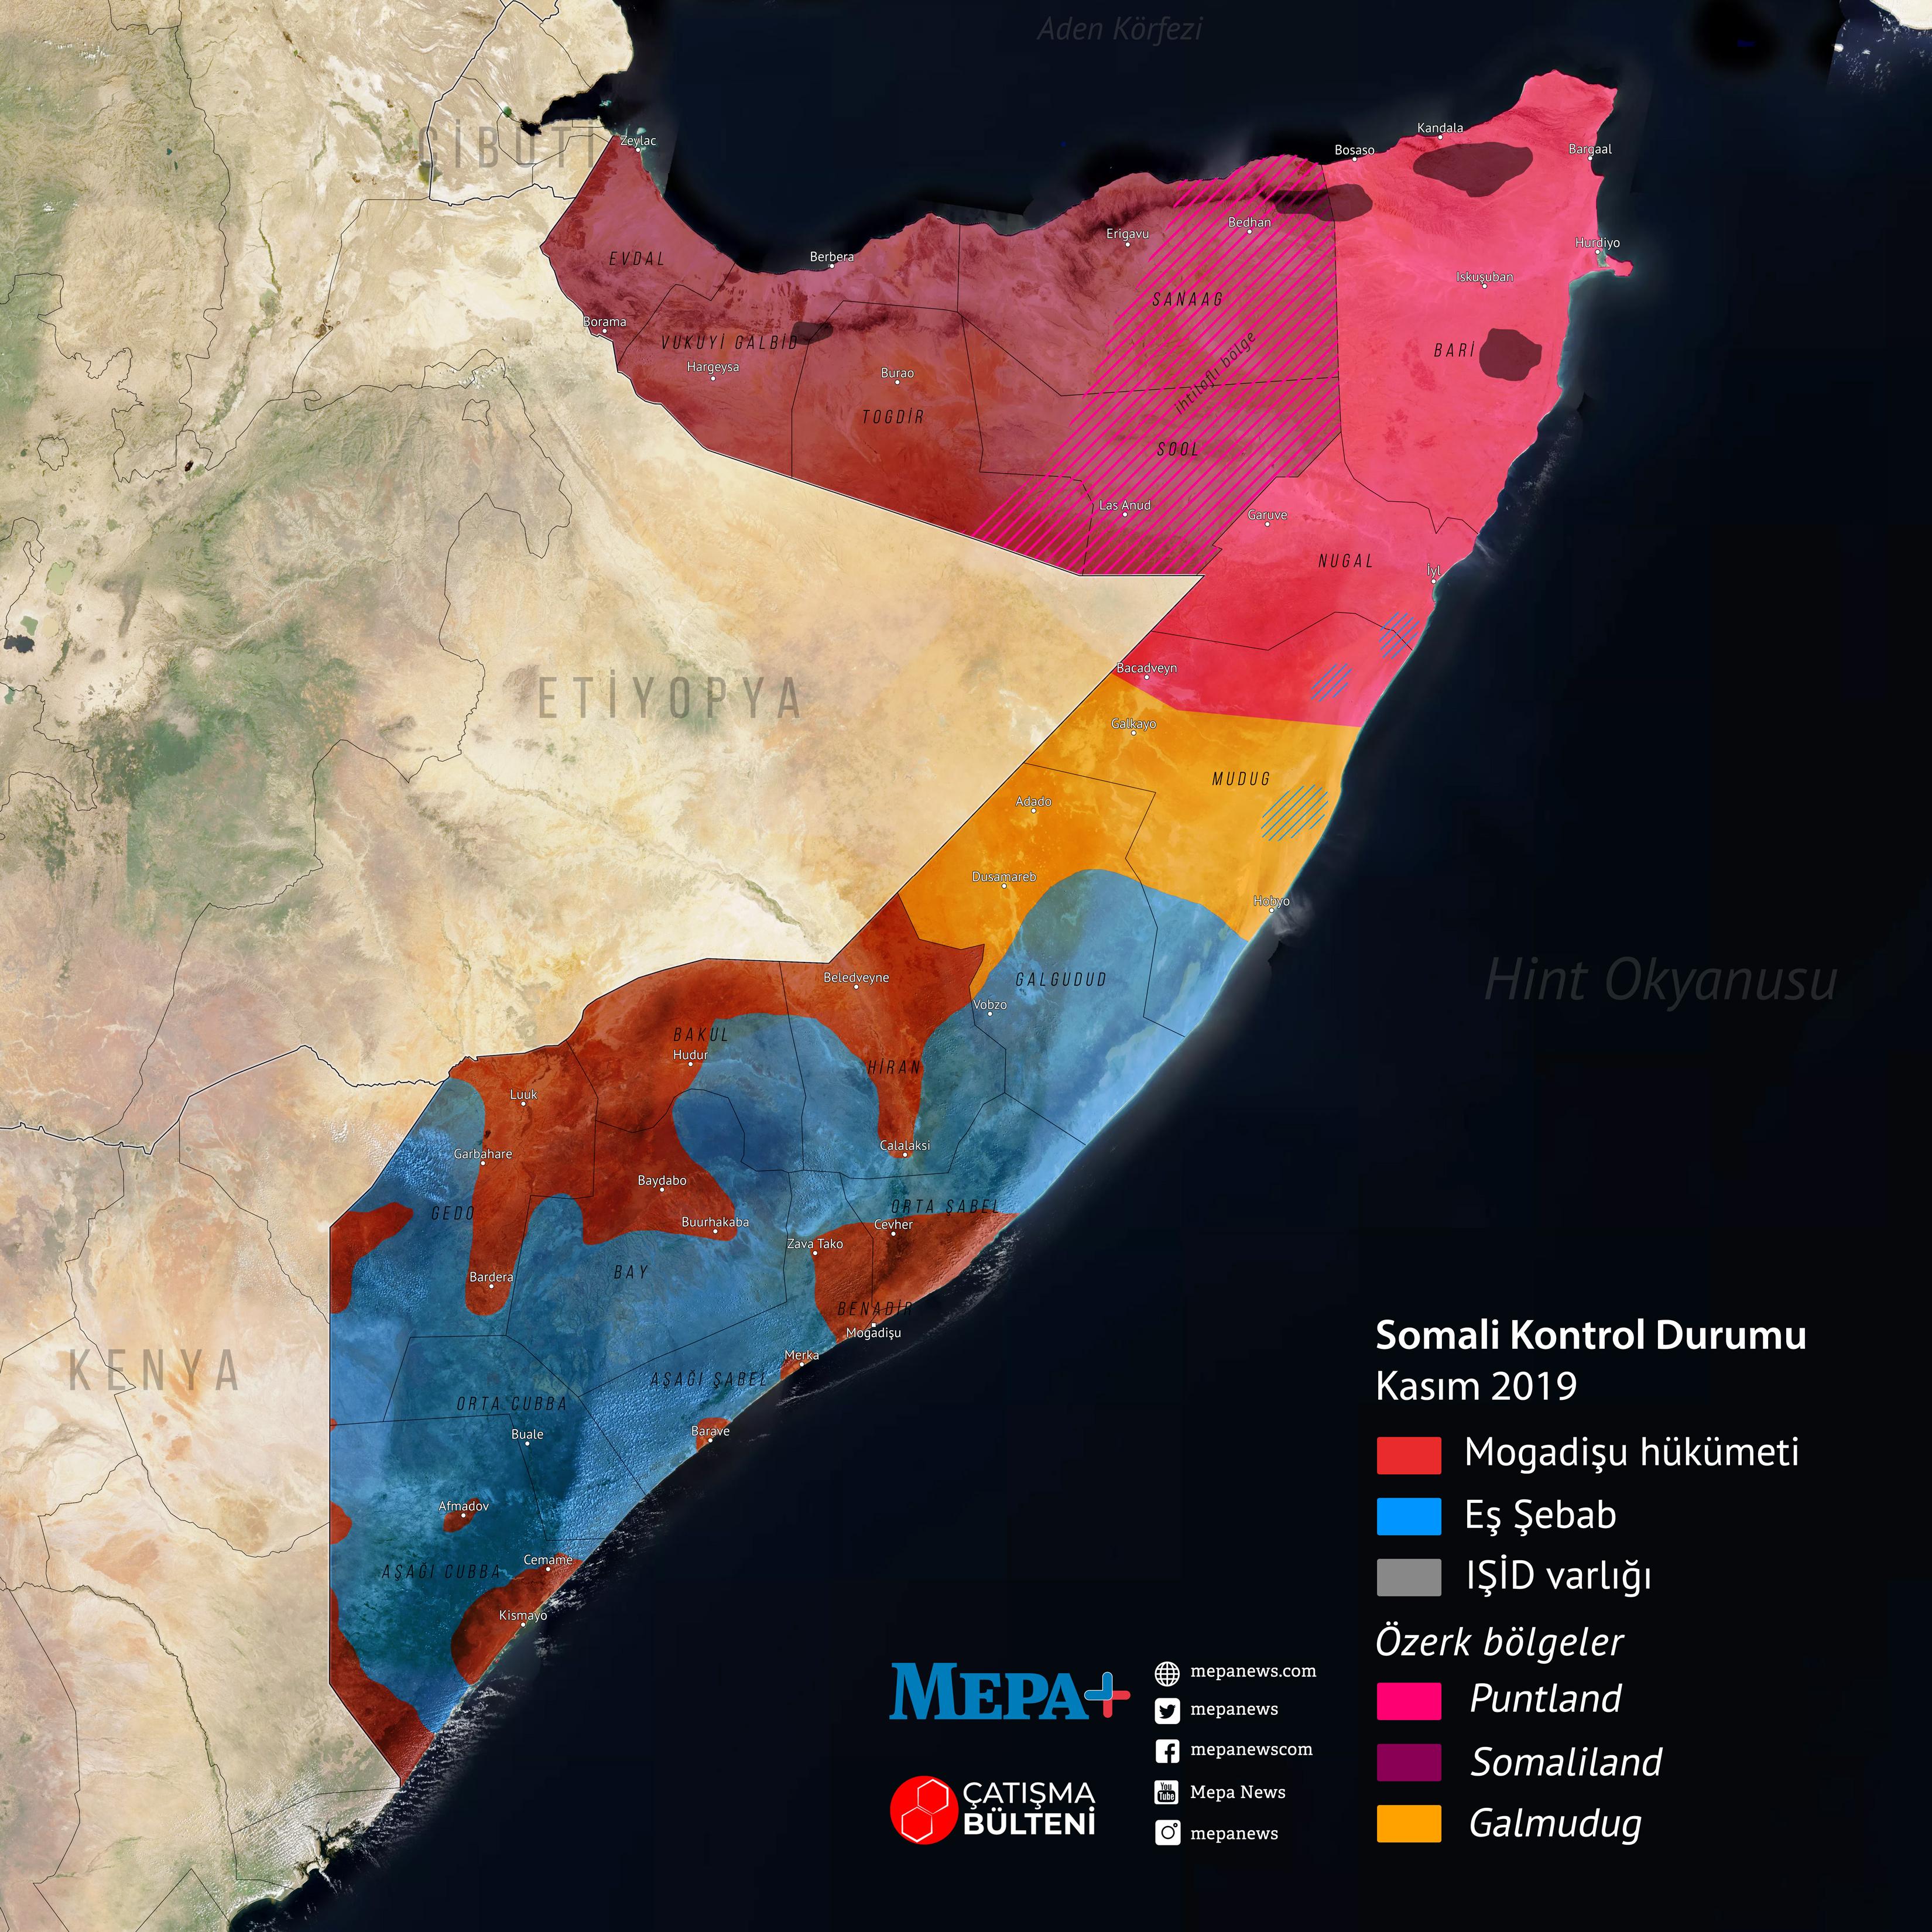 somalisondurum-002.jpg